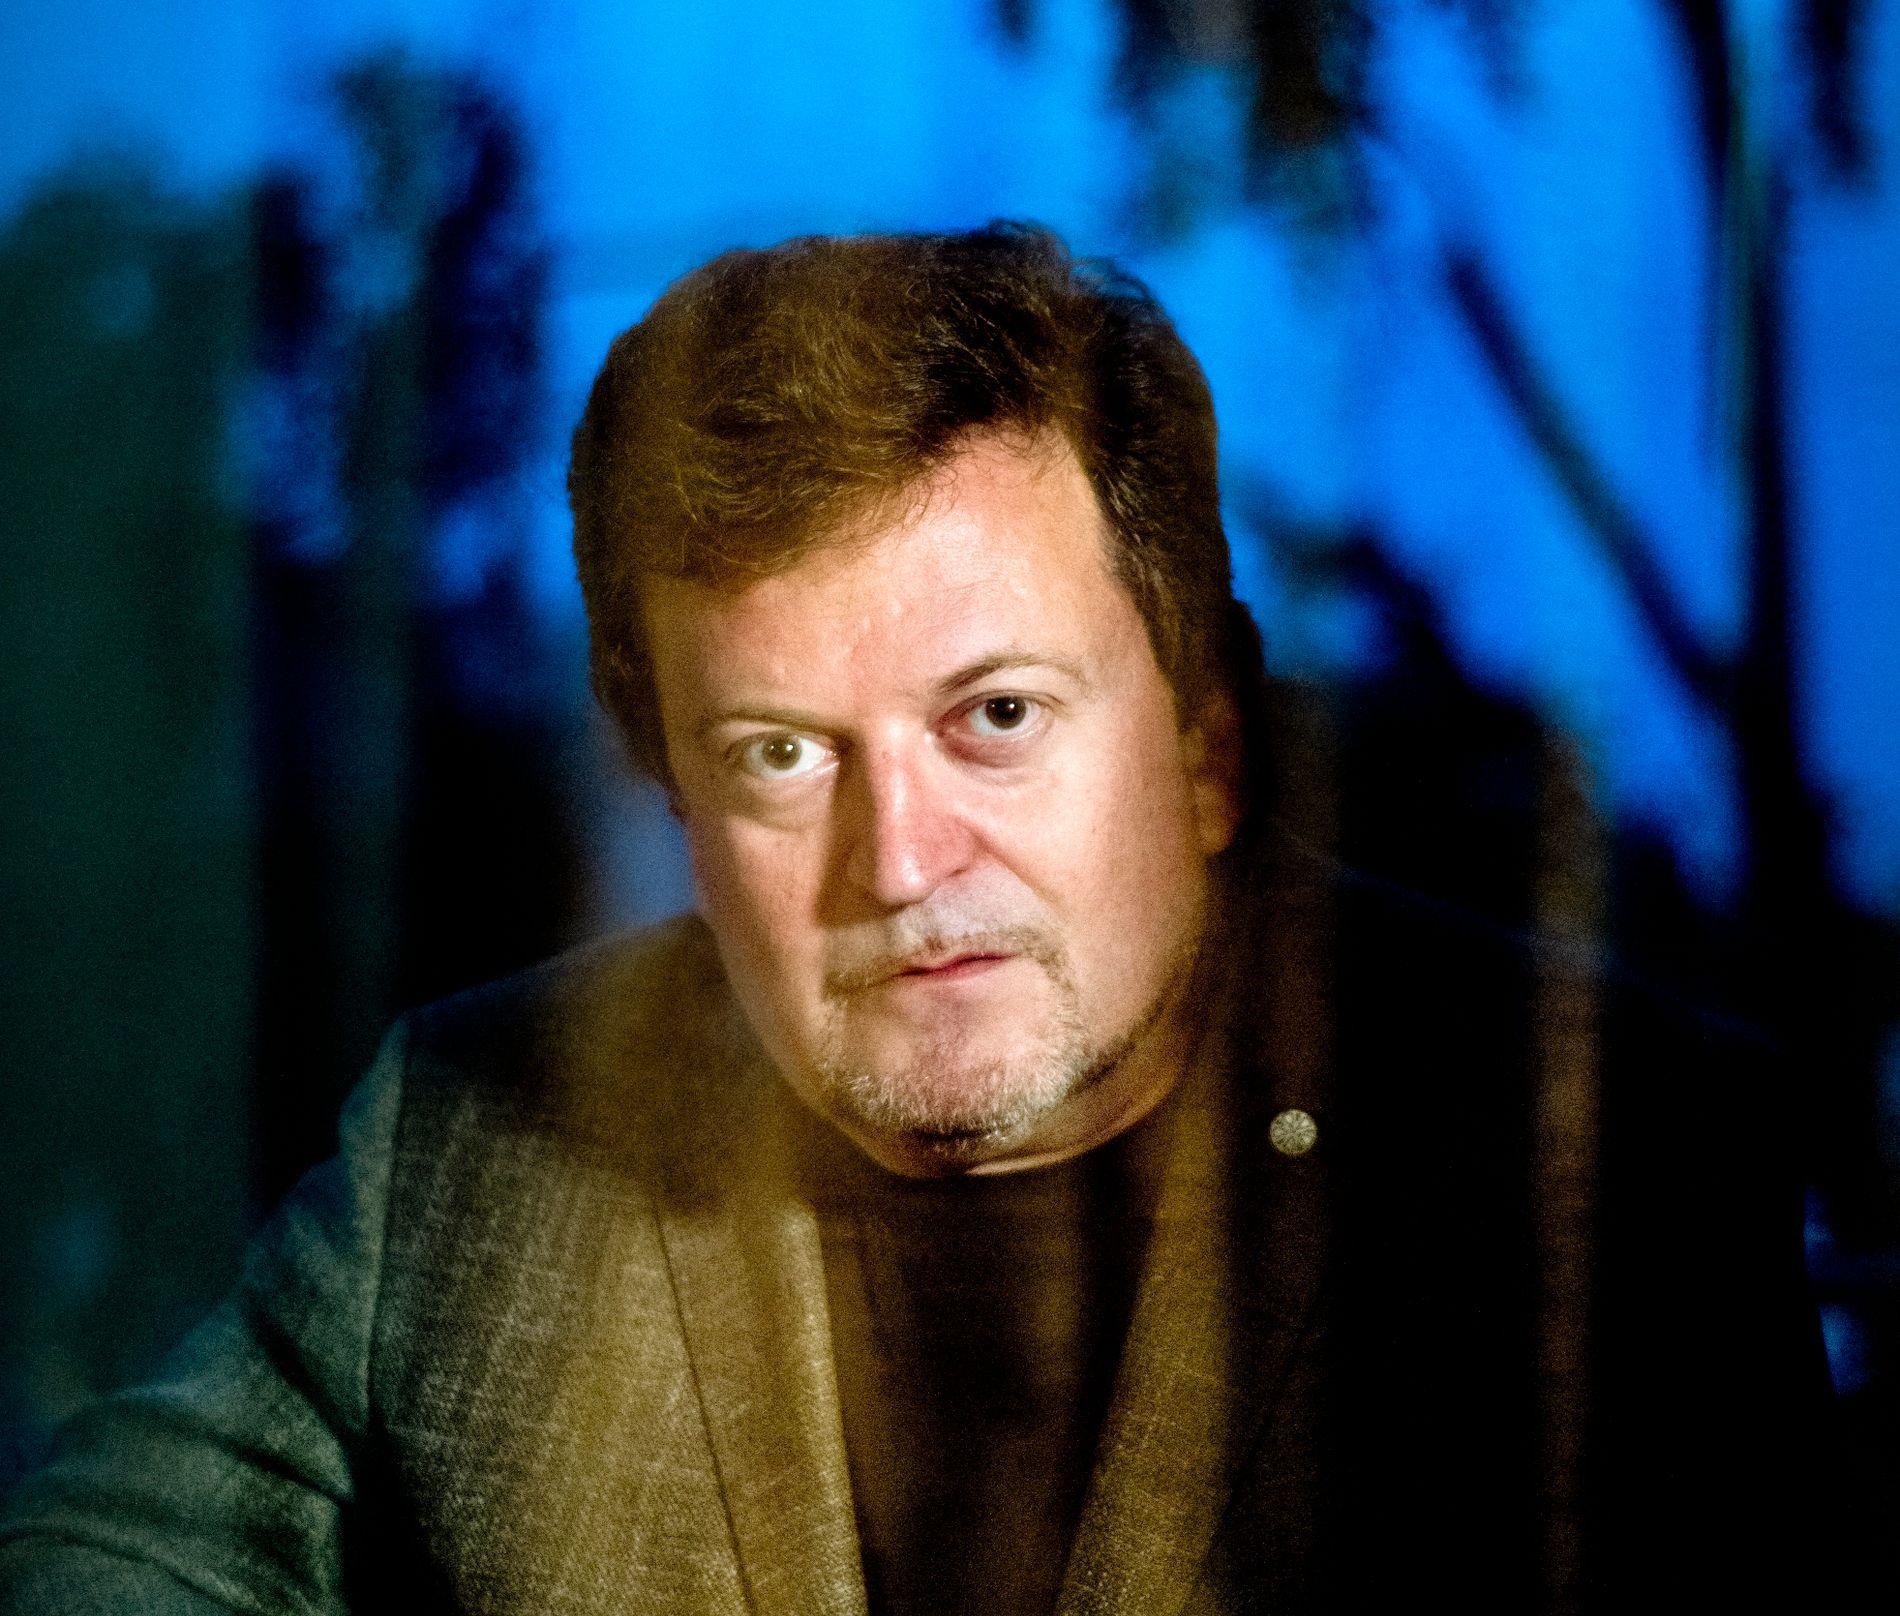 TILBAKE: Ti år etter forrige bok, er Erik Fosnes Hansen (51) tilbake med en ny roman, «Et hummerliv» - som ikke er på høyde med hans tidliger bøker, mener VGs anmelder.